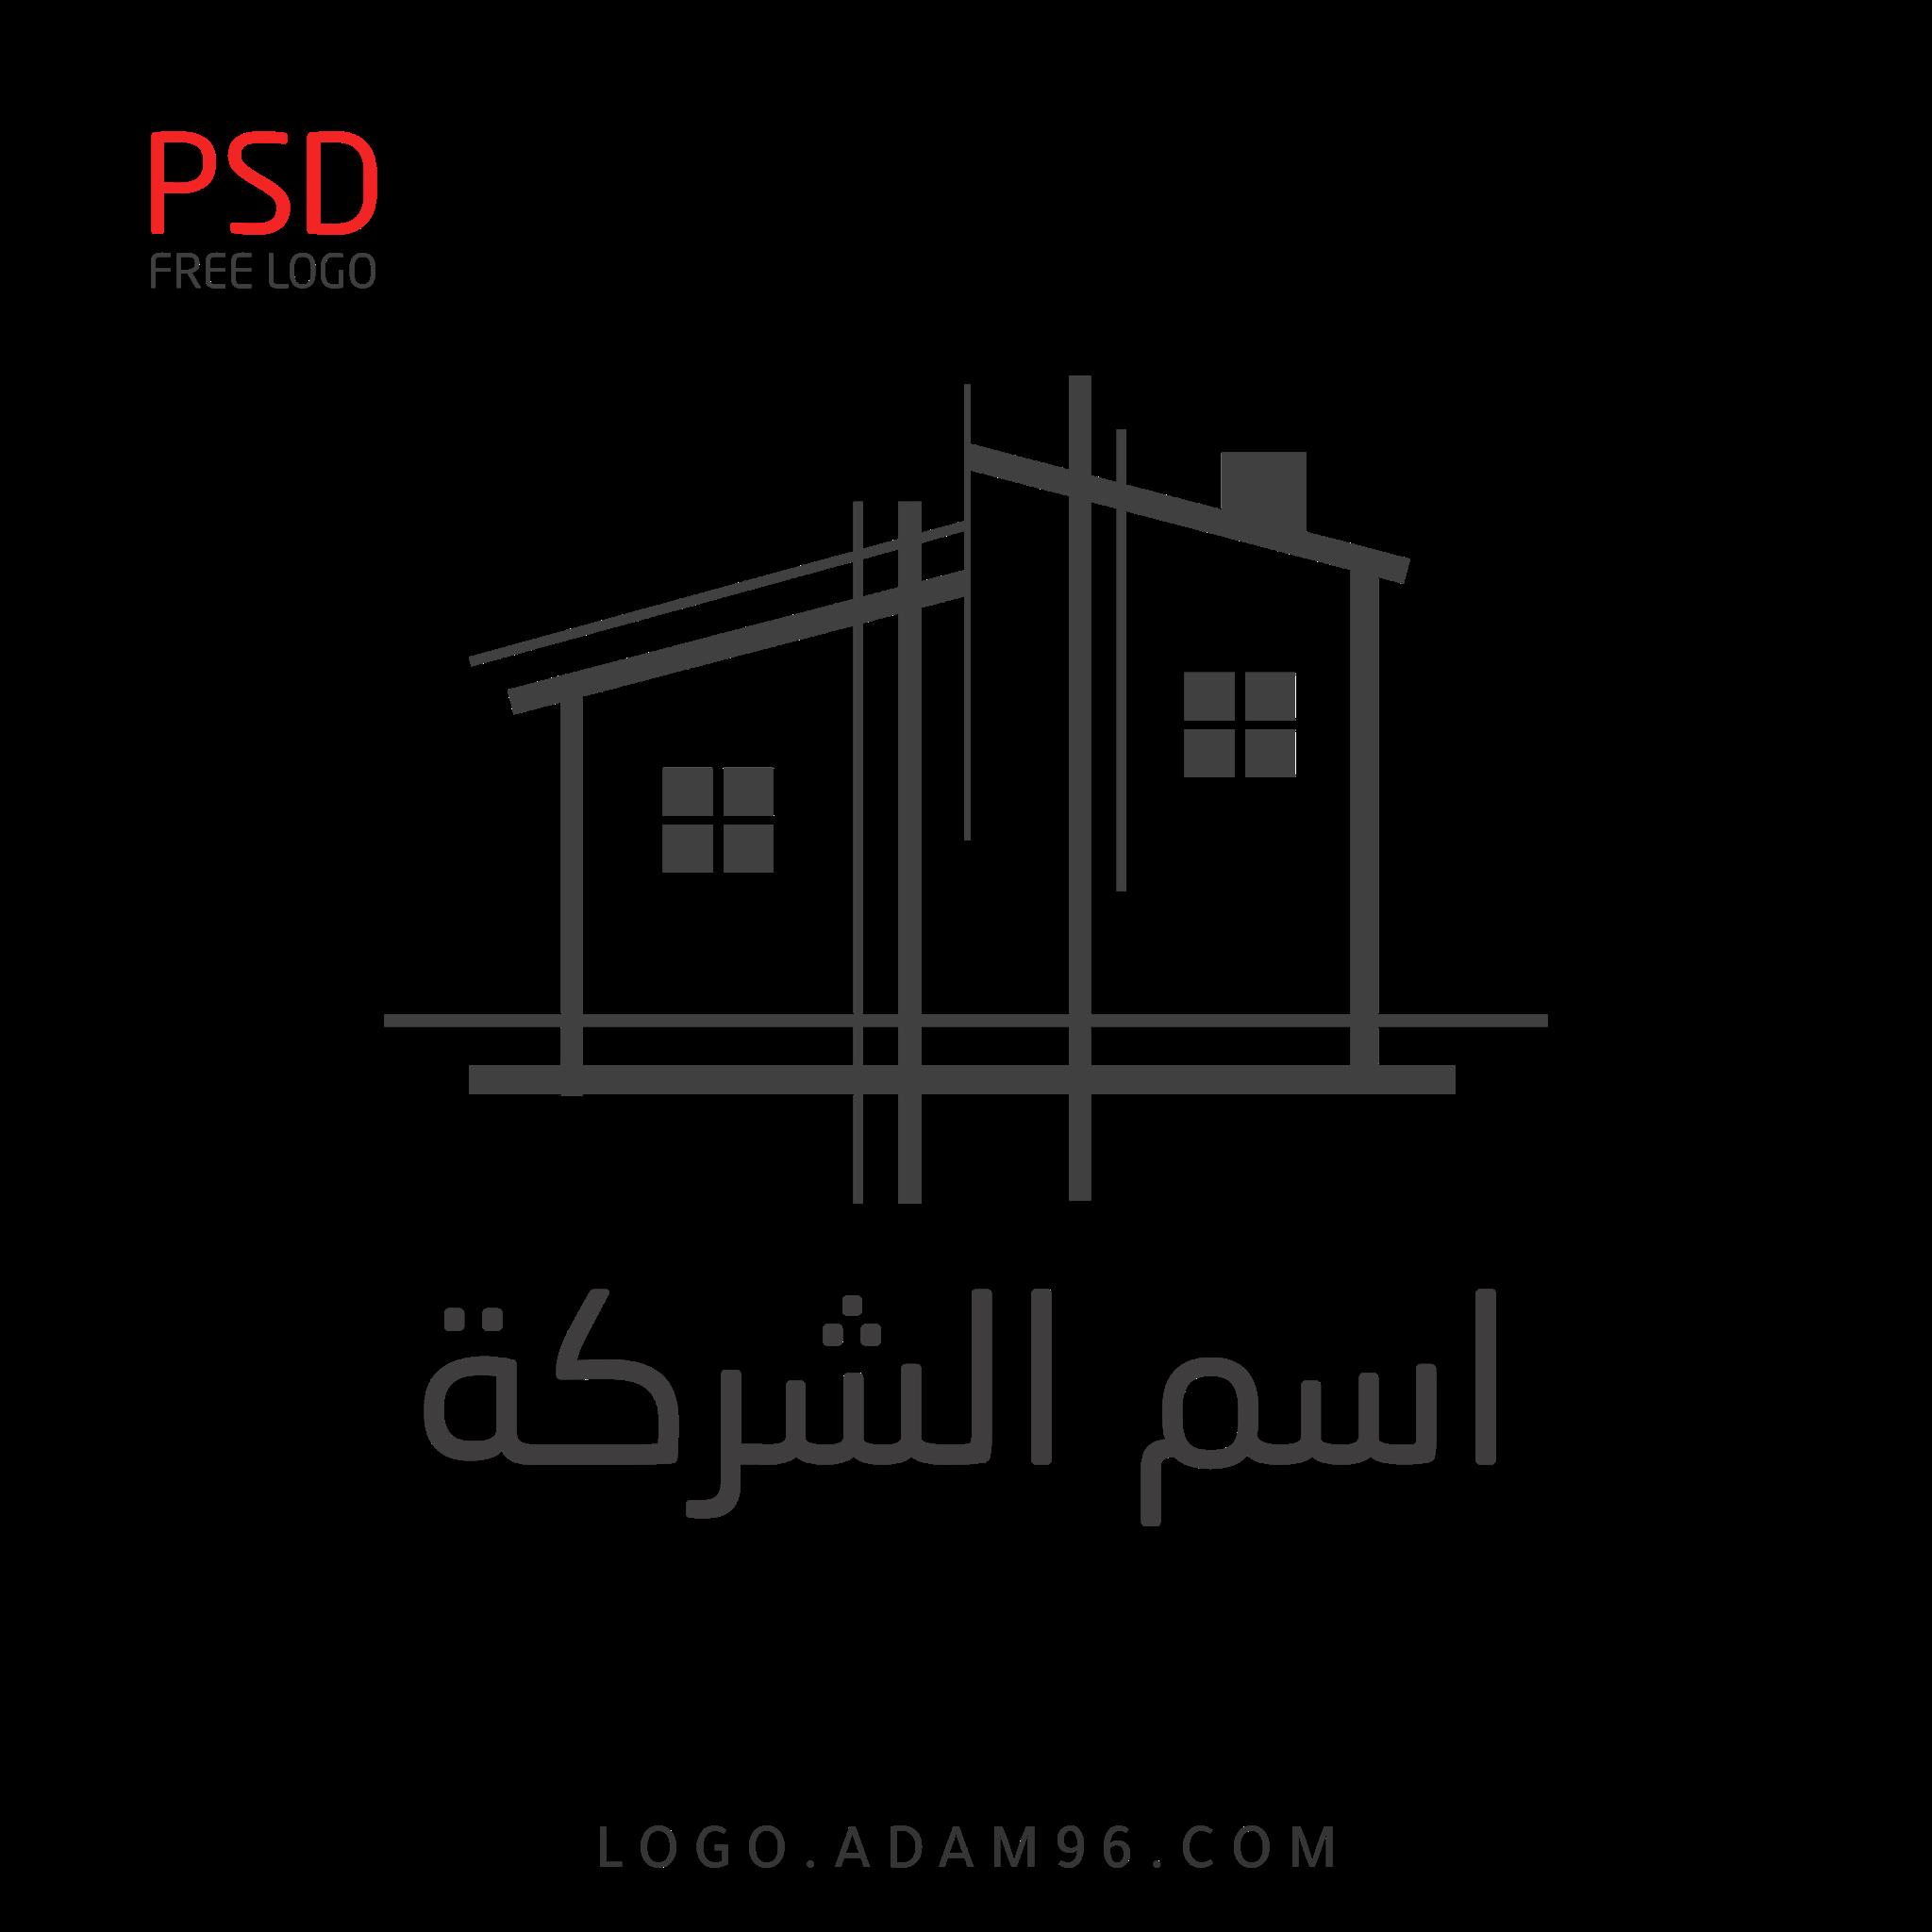 تحميل شعار شركة عقار مجاناً بدون حقوق عالي الجودة بصيغة PSD